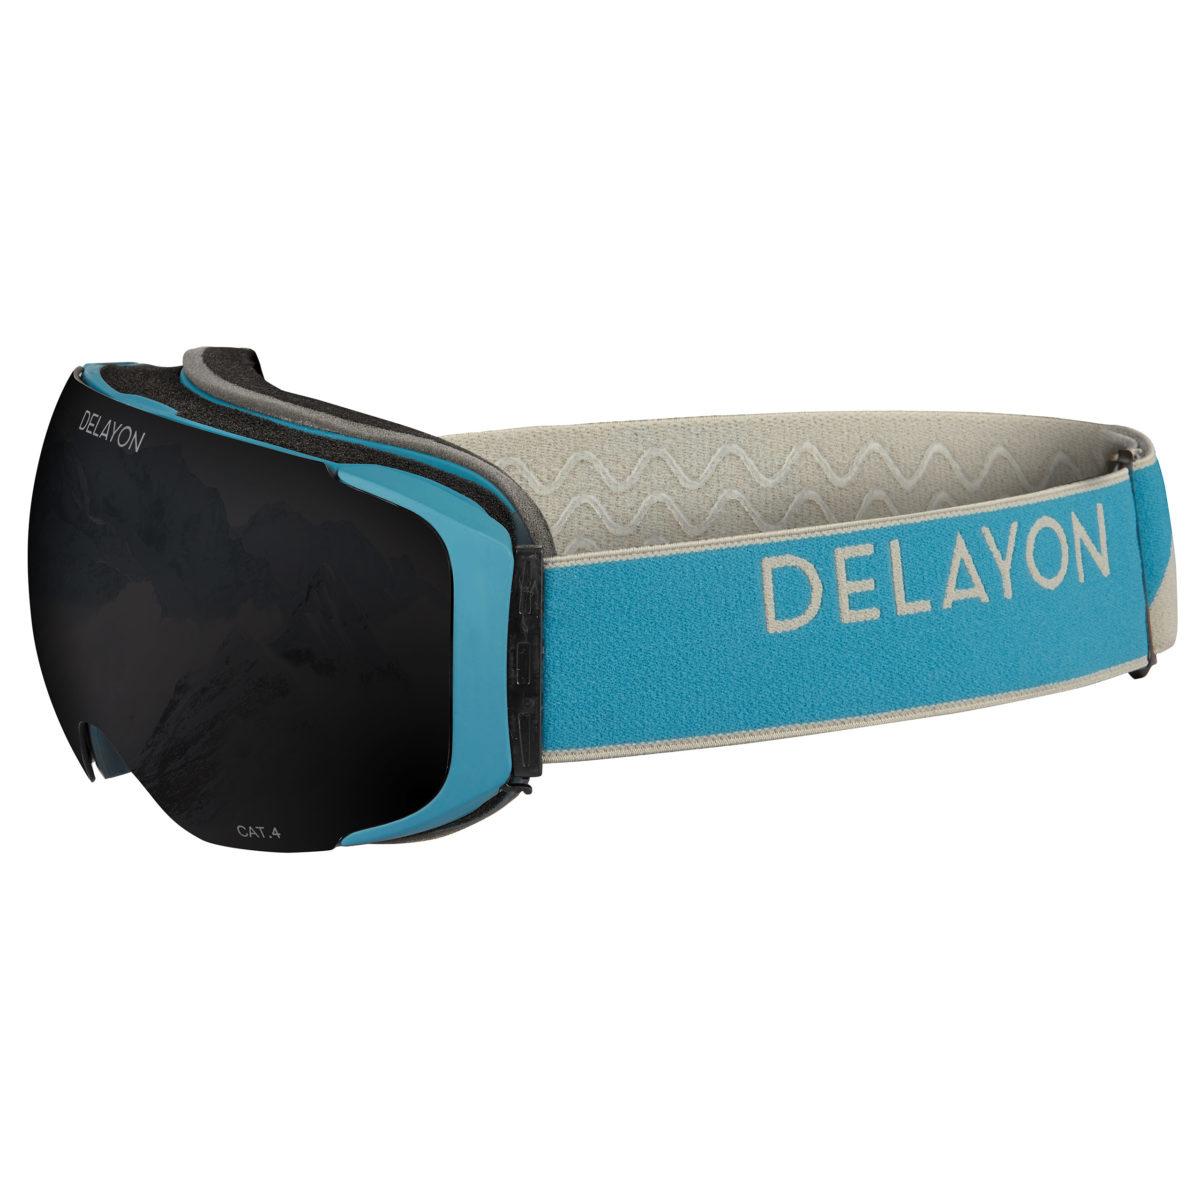 Delayon Eyewear Explorer Goggle Navy Gray STRONG Black